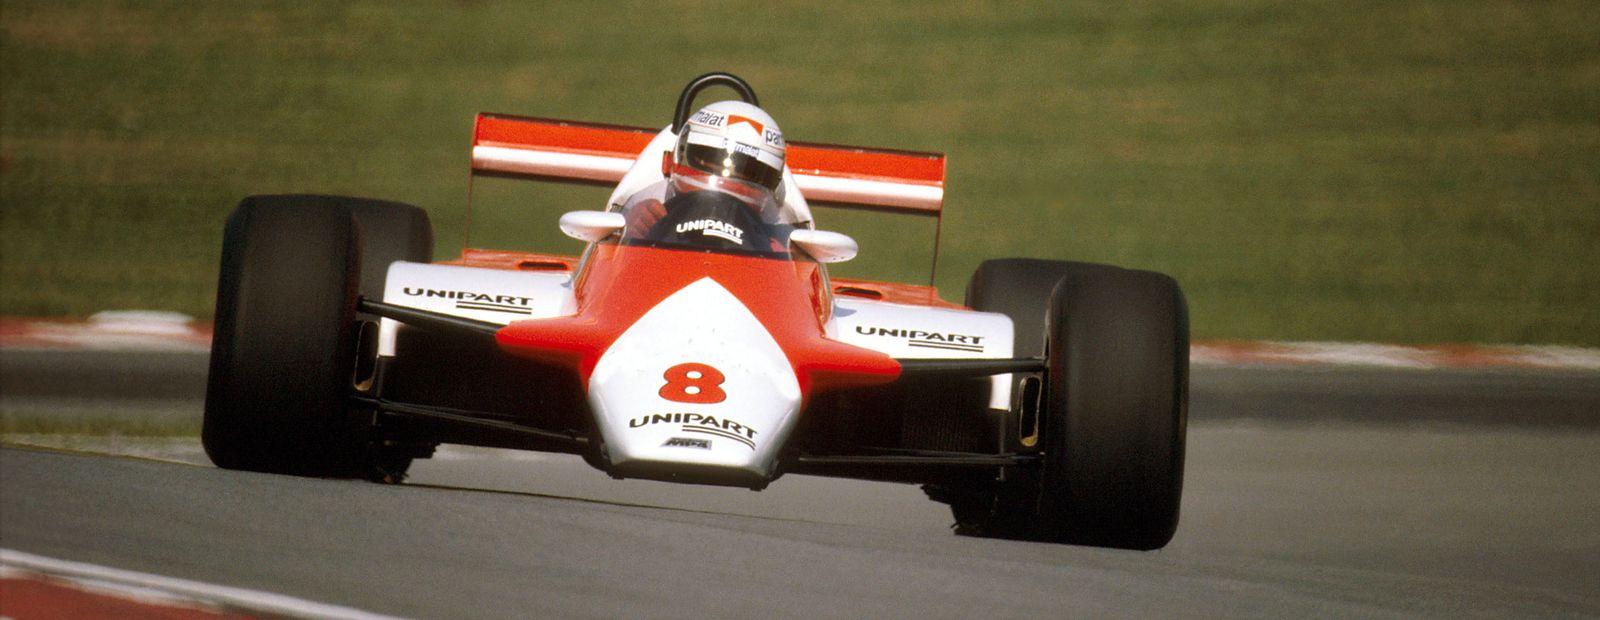 I 1982 gjorde Lauda et sensasjonelt comeback for McLaren, som resulterte i to seire. Foto: McLaren